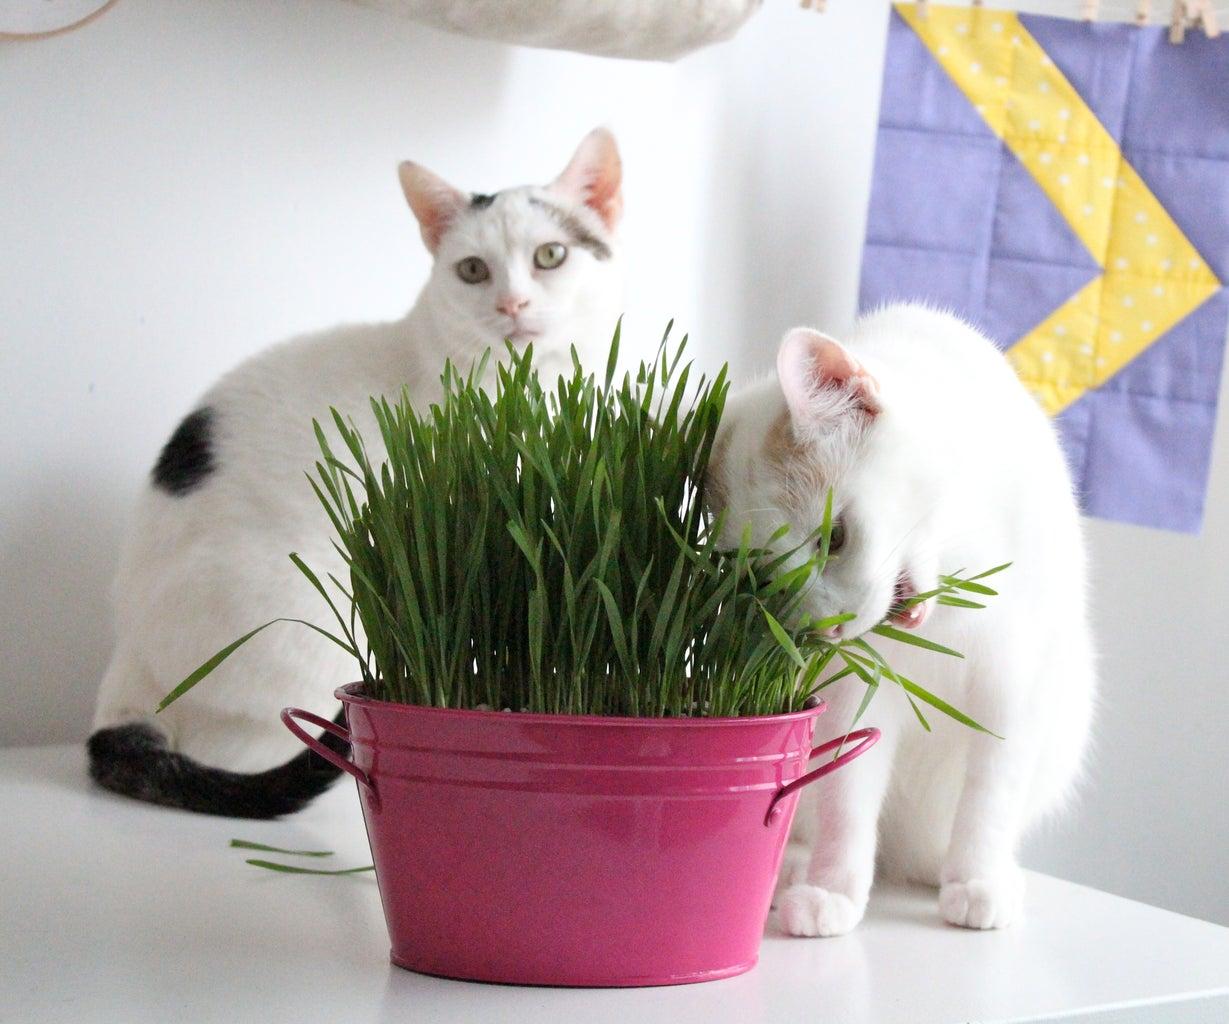 Bonus Cat Photos